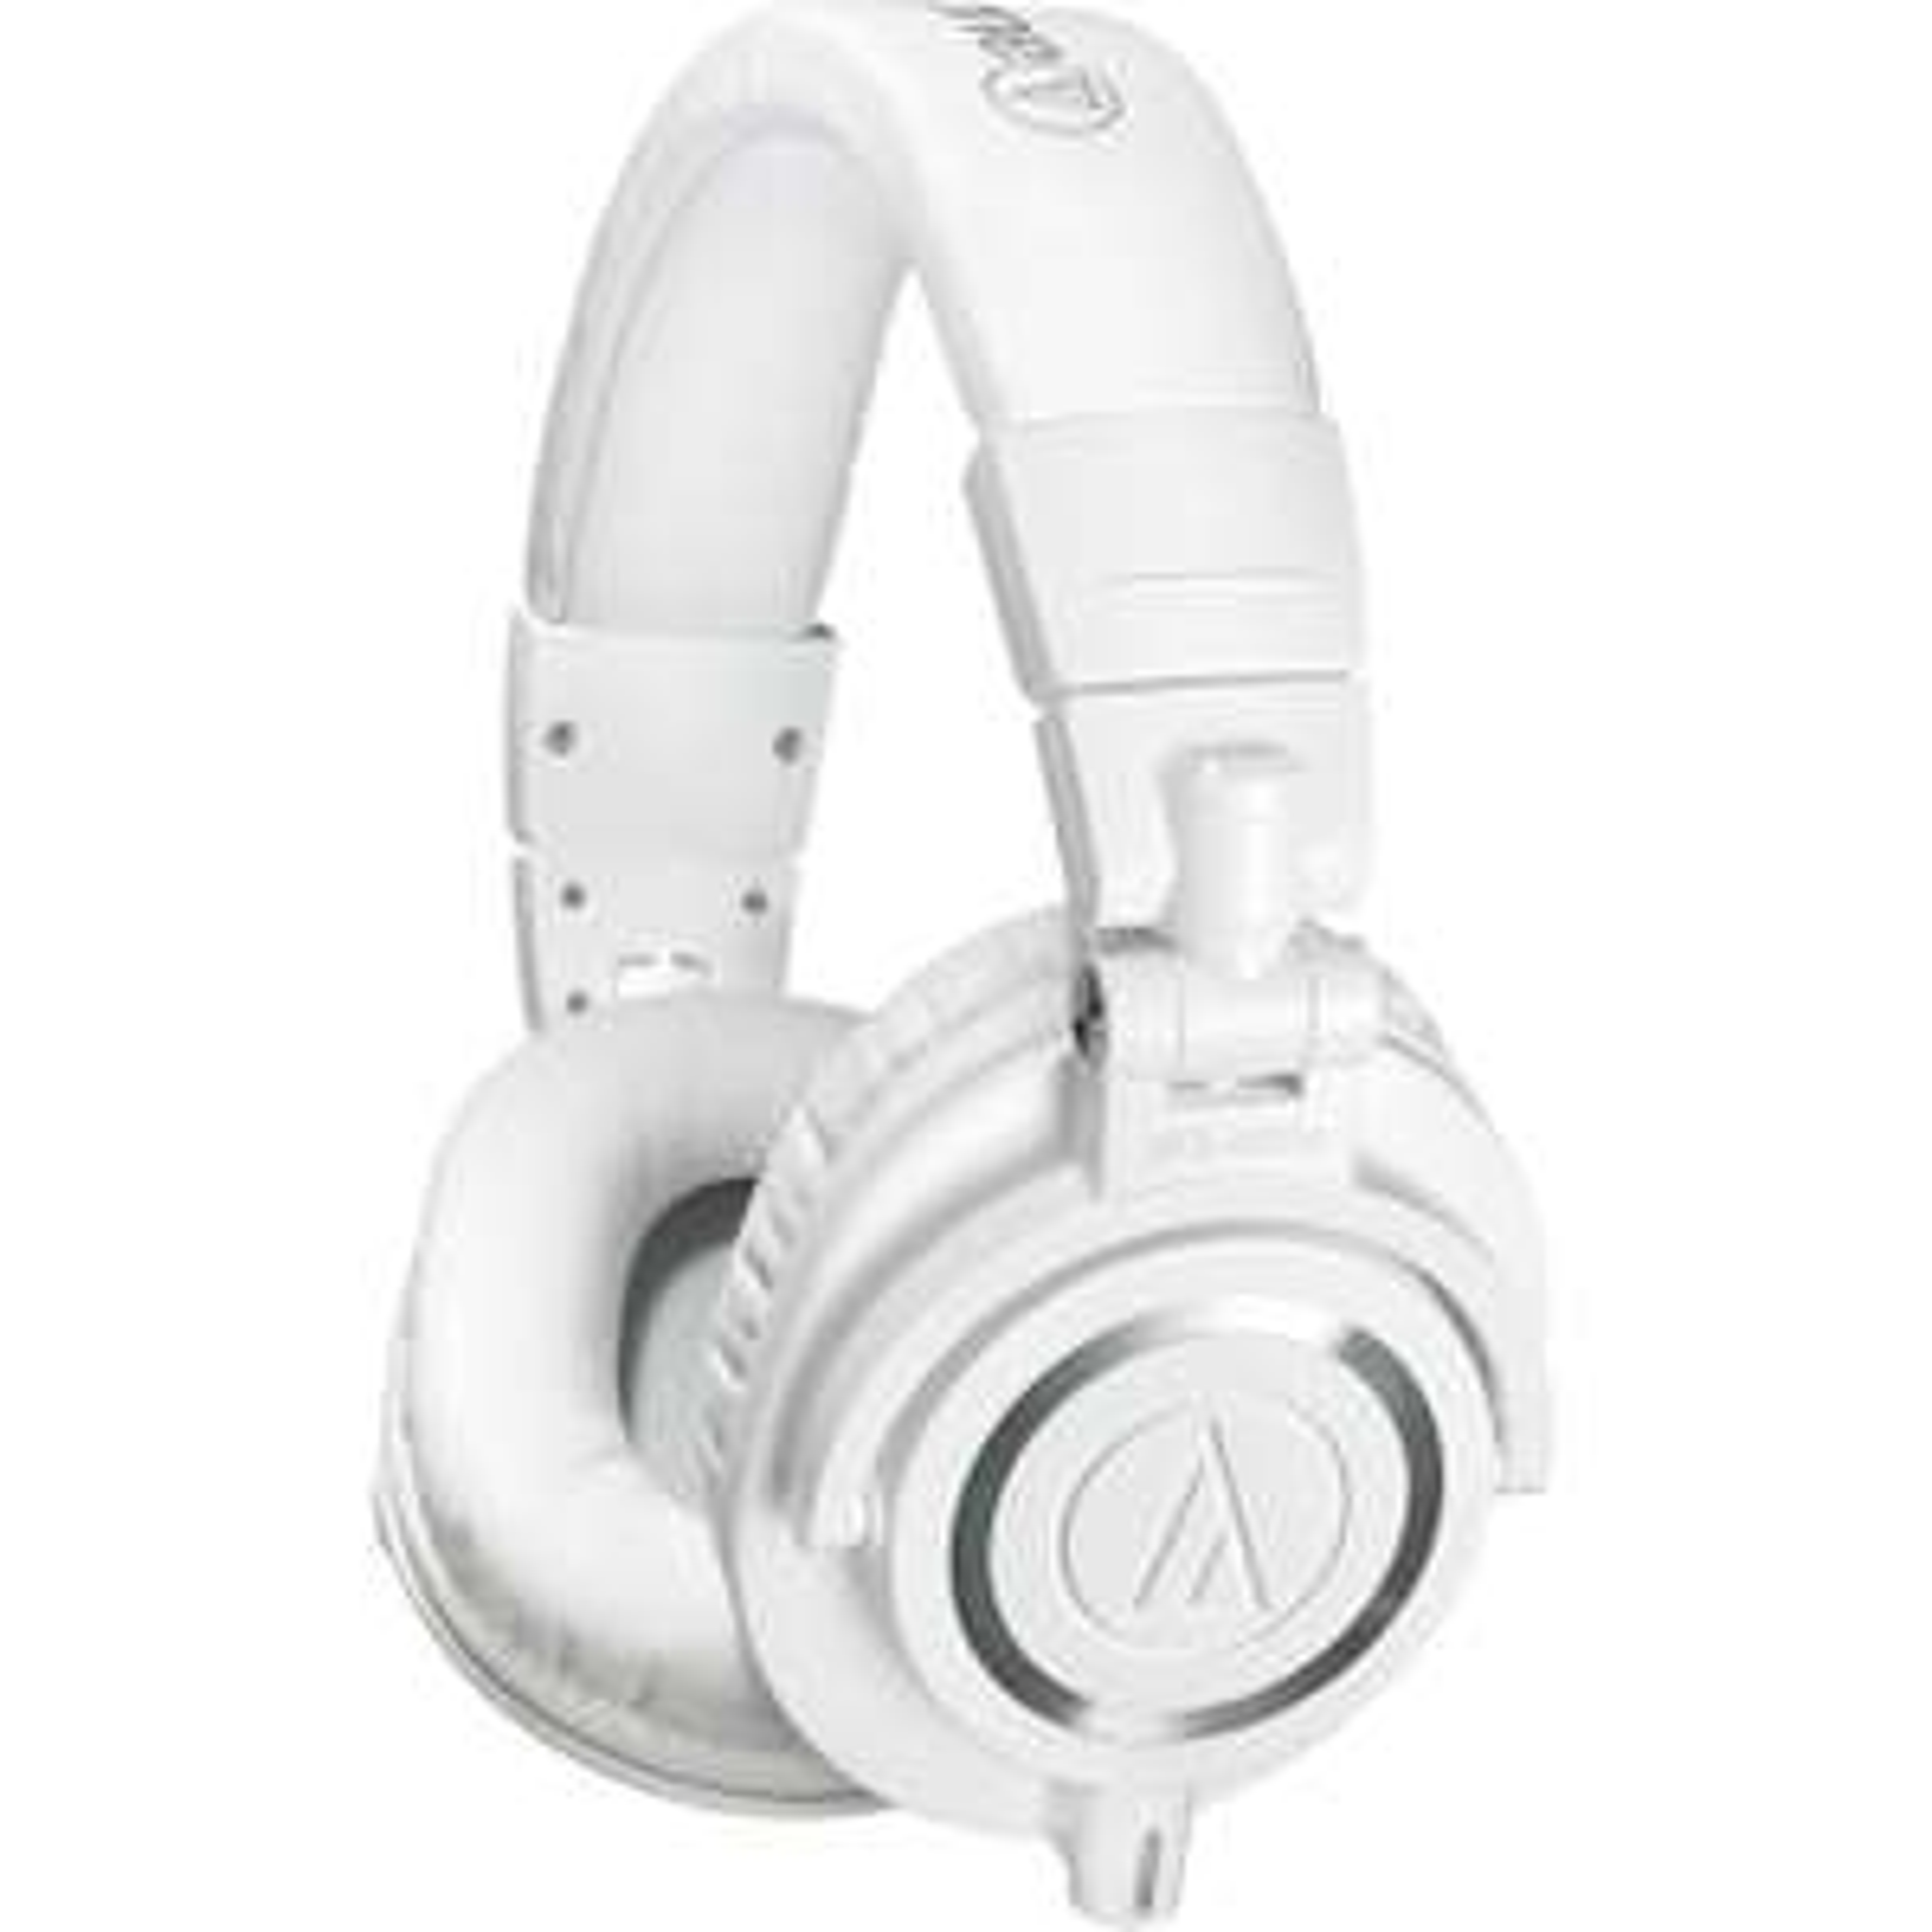 Casque Audio-Technica ATH-M50 - Blanc